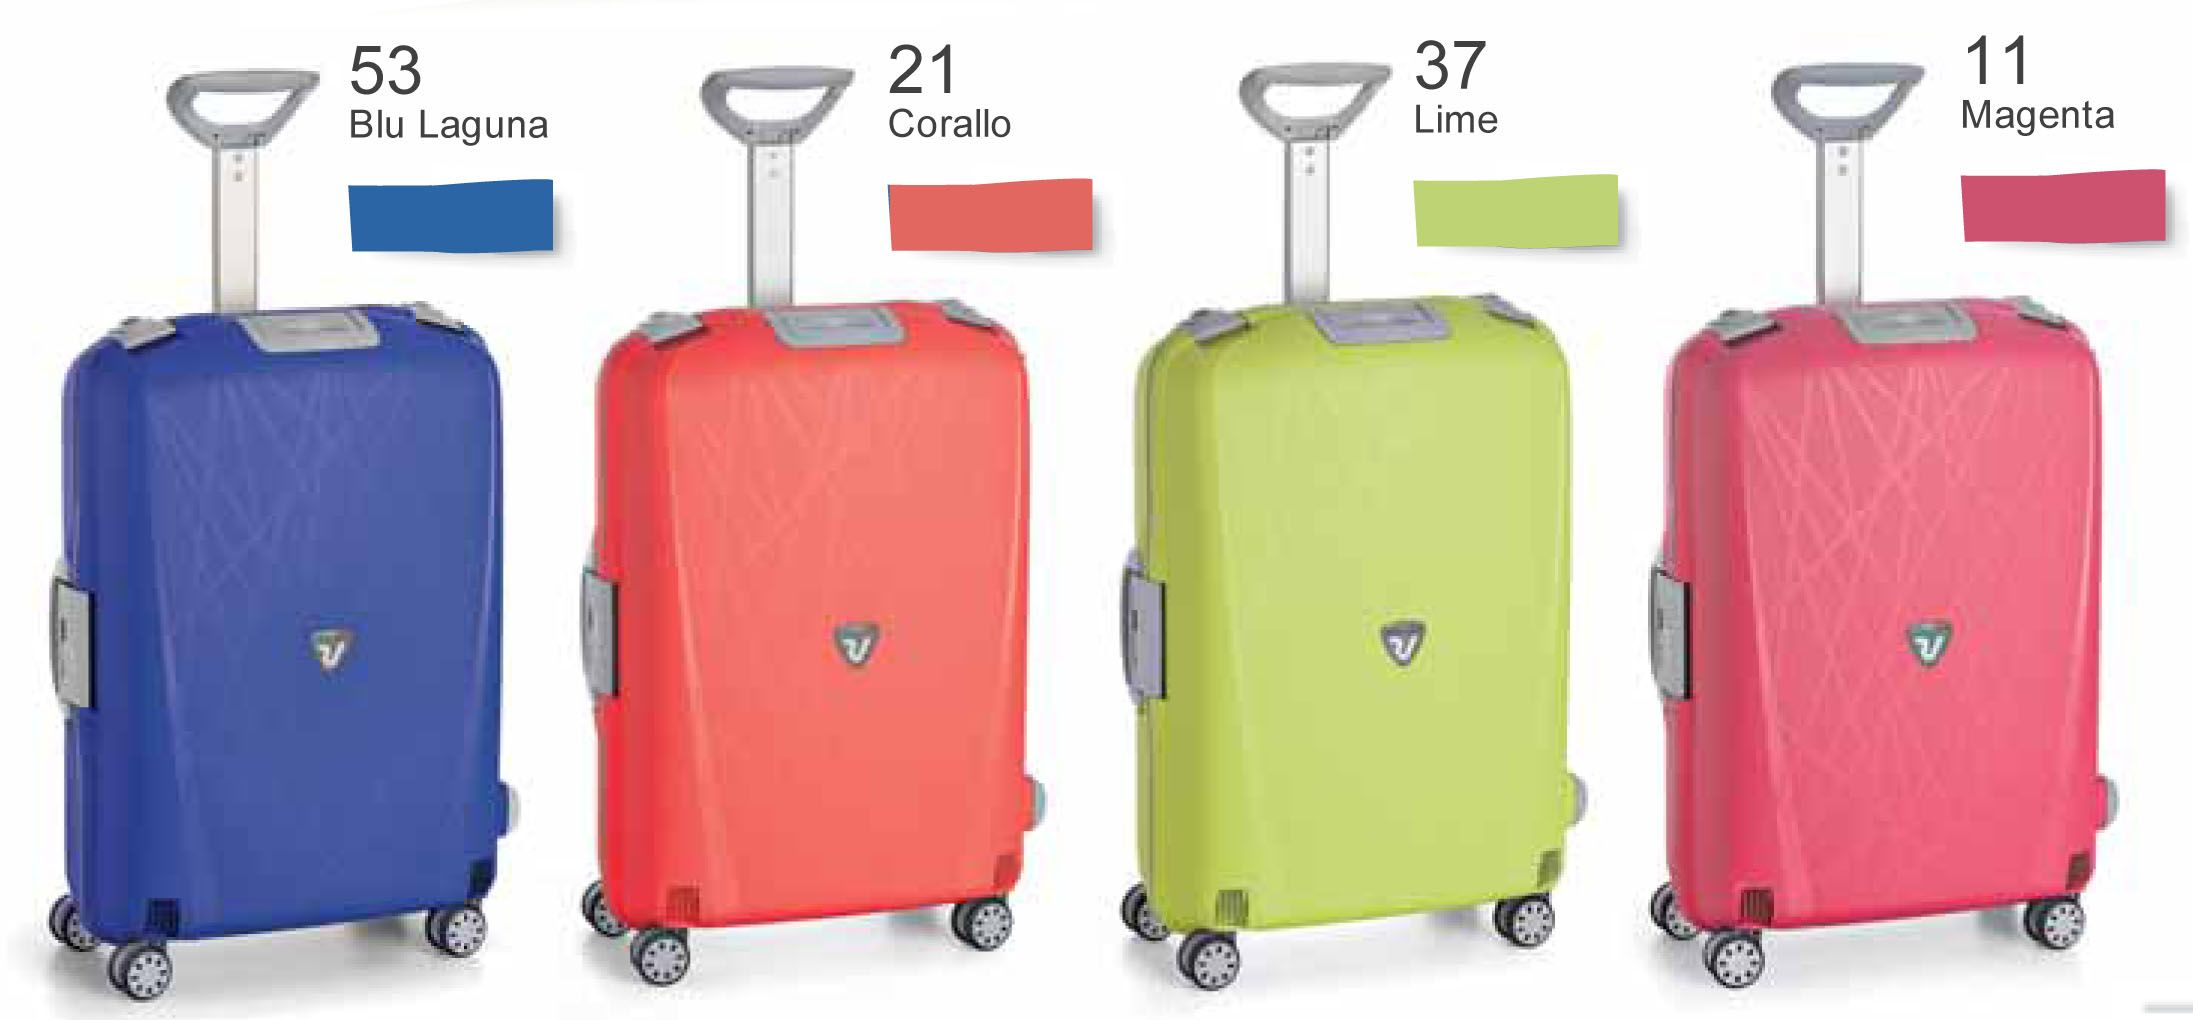 Maletas de viaje r gidas de la marca roncato equipaje de viaje compatible con las medidas de - Medidas maletas de cabina ...